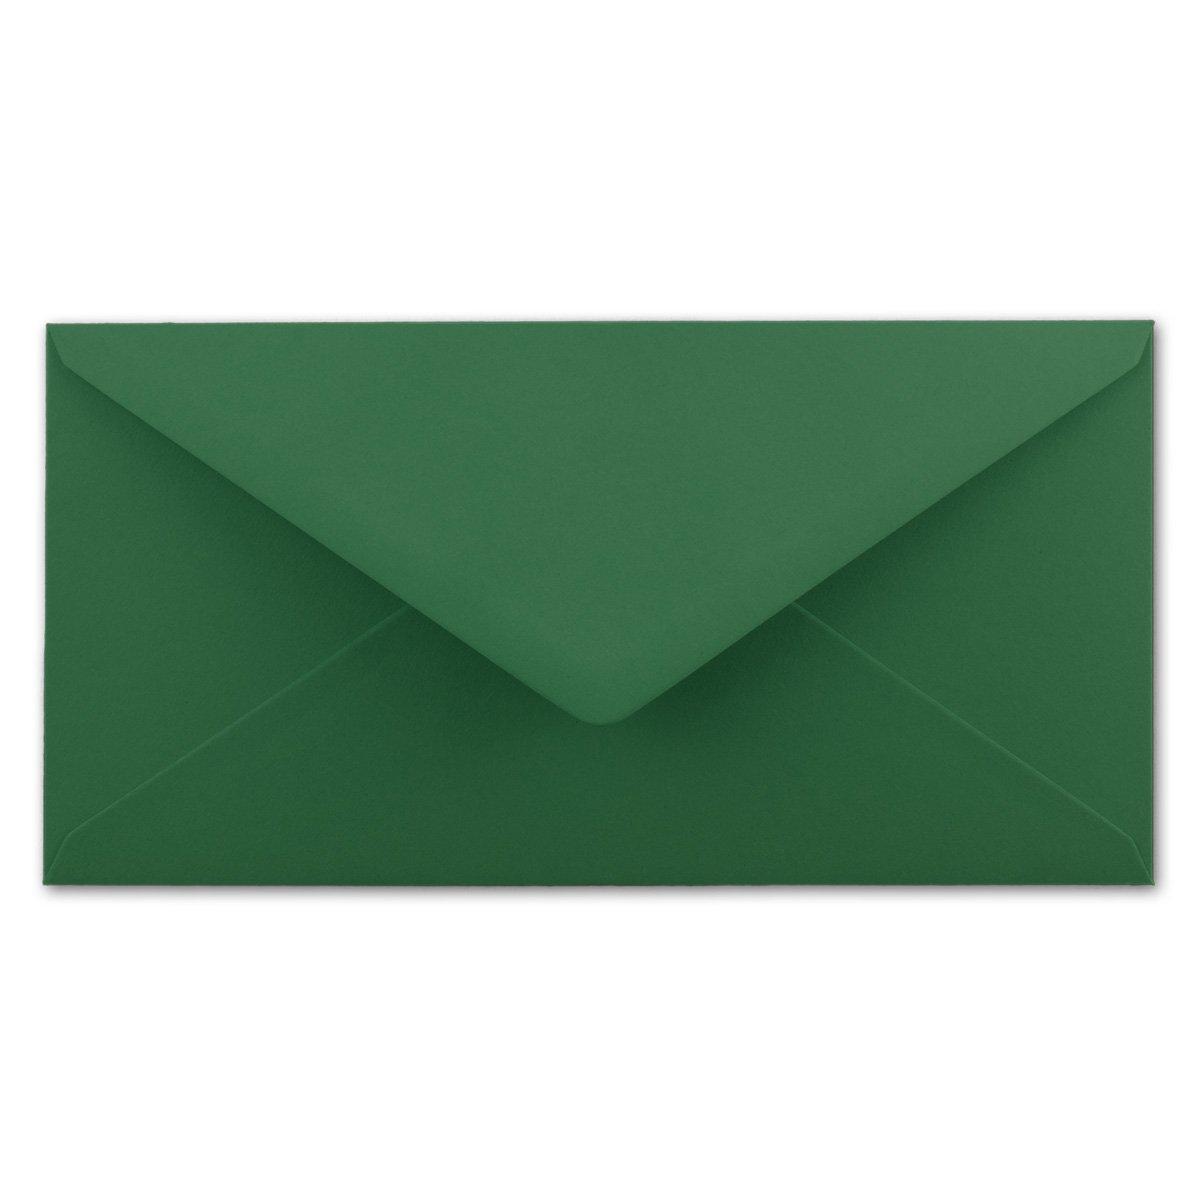 250 Brief-Umschläge Bronze Metallic DIN Lang - - - 110 x 220 mm (11 x 22 cm) - Nassklebung ohne Fenster - Ideal für Einladungs-Karten - Serie FarbenFroh® B01N3SD545 | Die Farbe ist sehr auffällig  309439